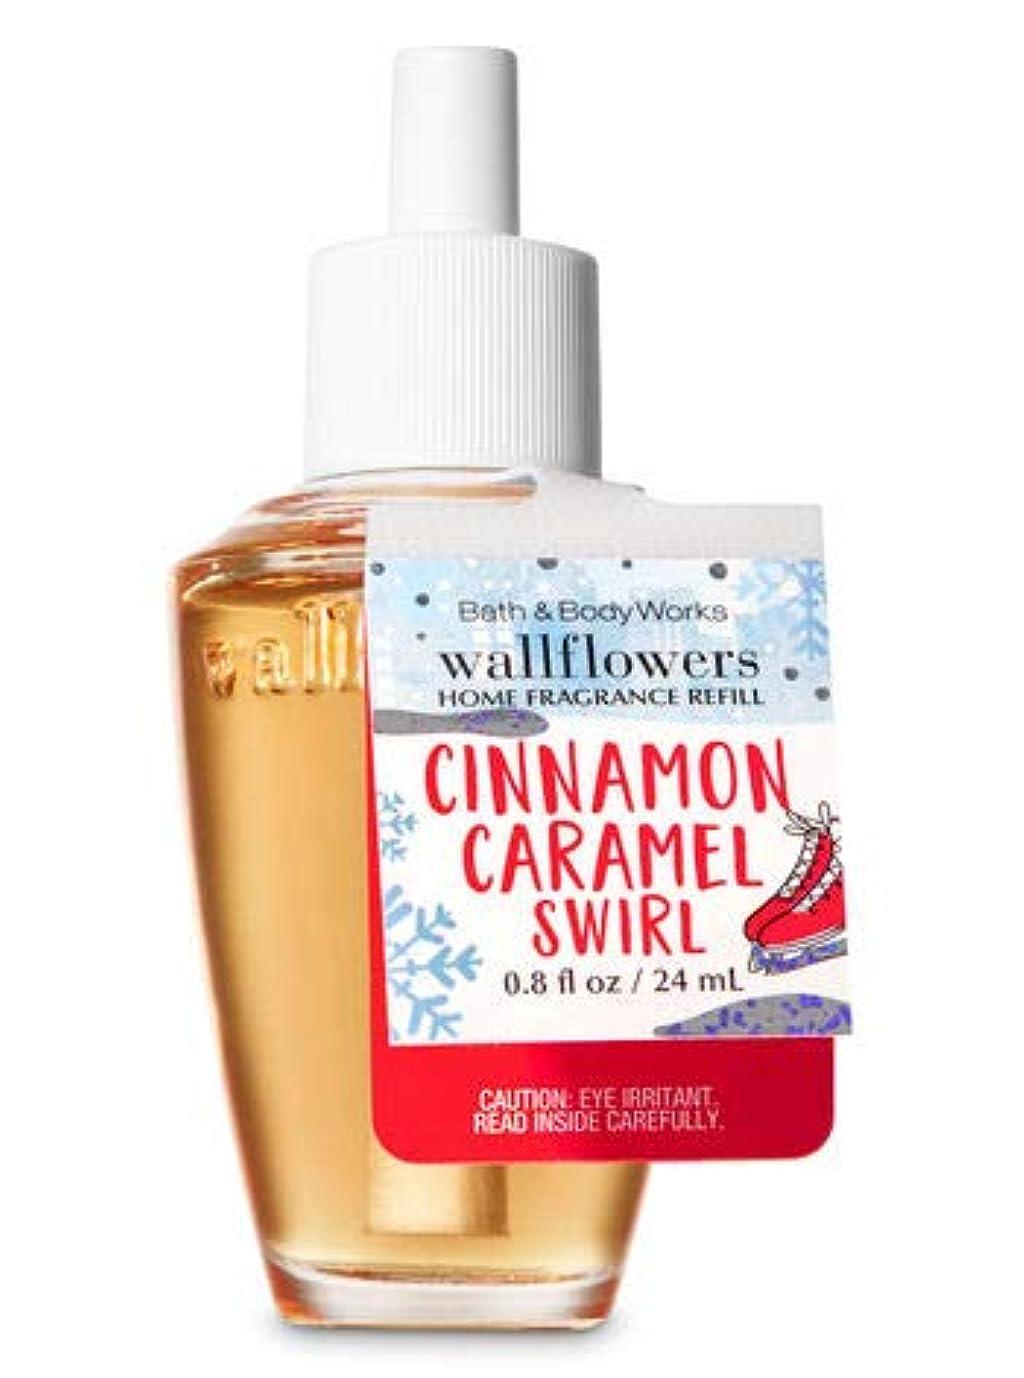 正確にパテ暴露する【Bath&Body Works/バス&ボディワークス】 ルームフレグランス 詰替えリフィル シナモンキャラメルスワール Wallflowers Home Fragrance Refill Cinnamon Caramel Swirl [並行輸入品]